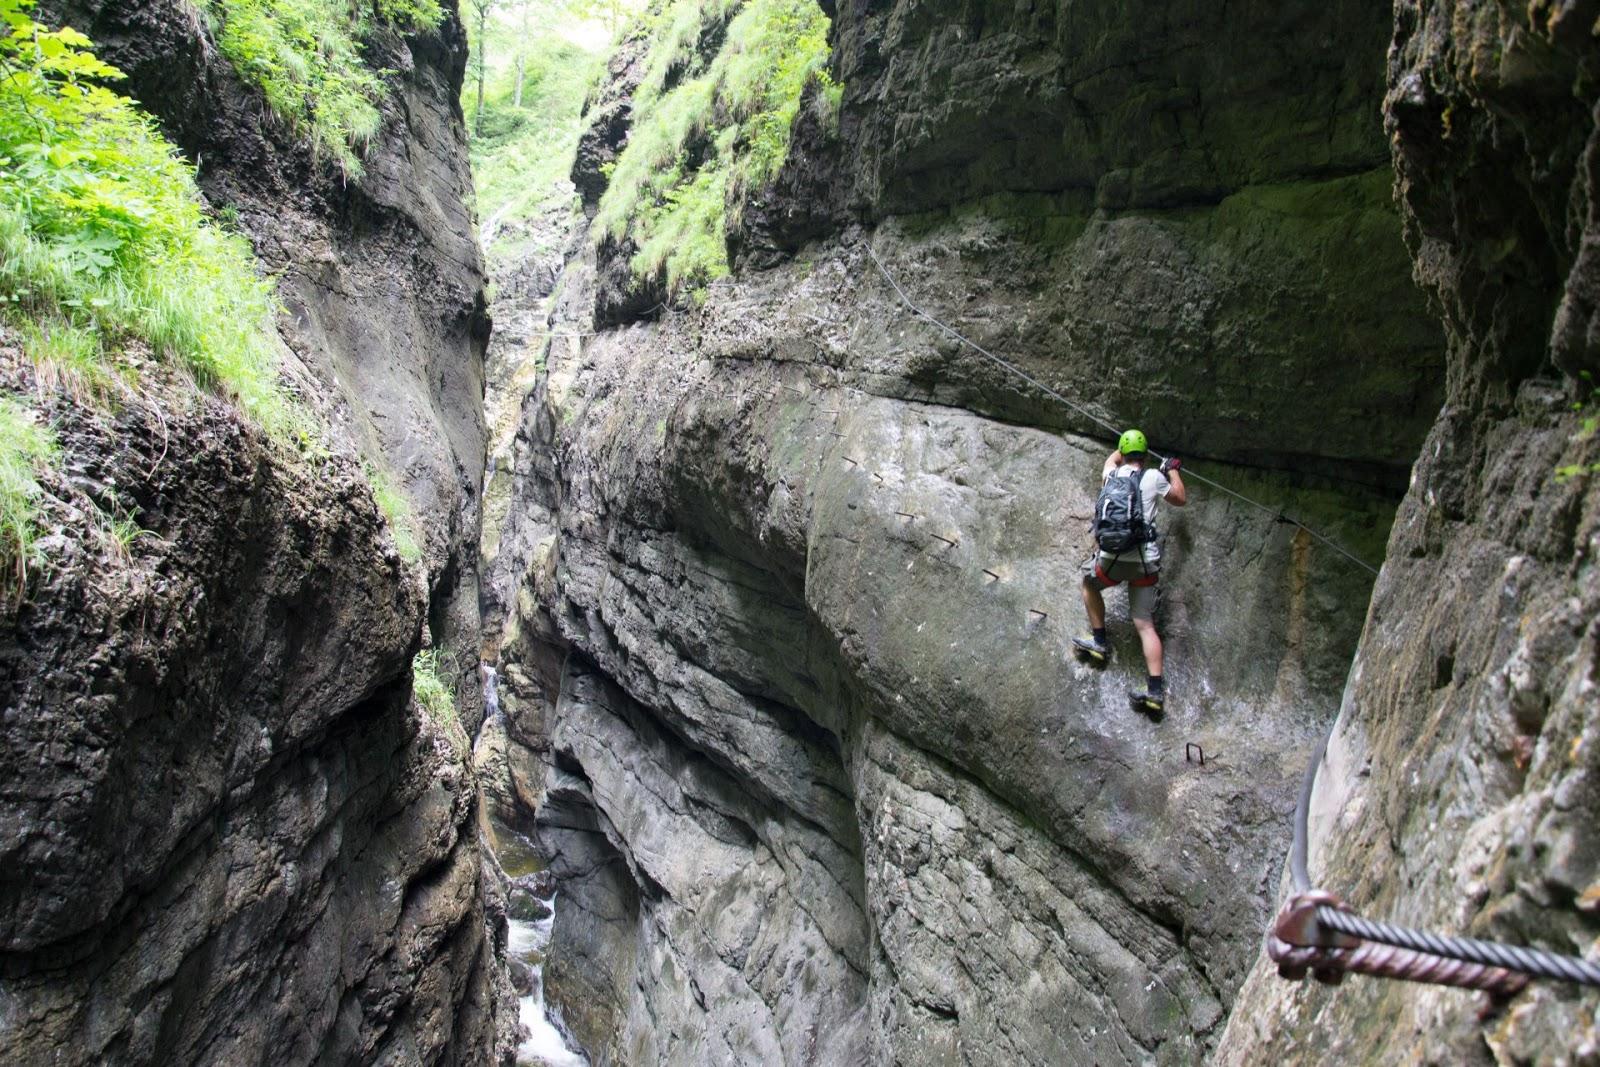 Klettersteig Postalmklamm : Mało za duże podróże: via ferrata postalmklamm austria